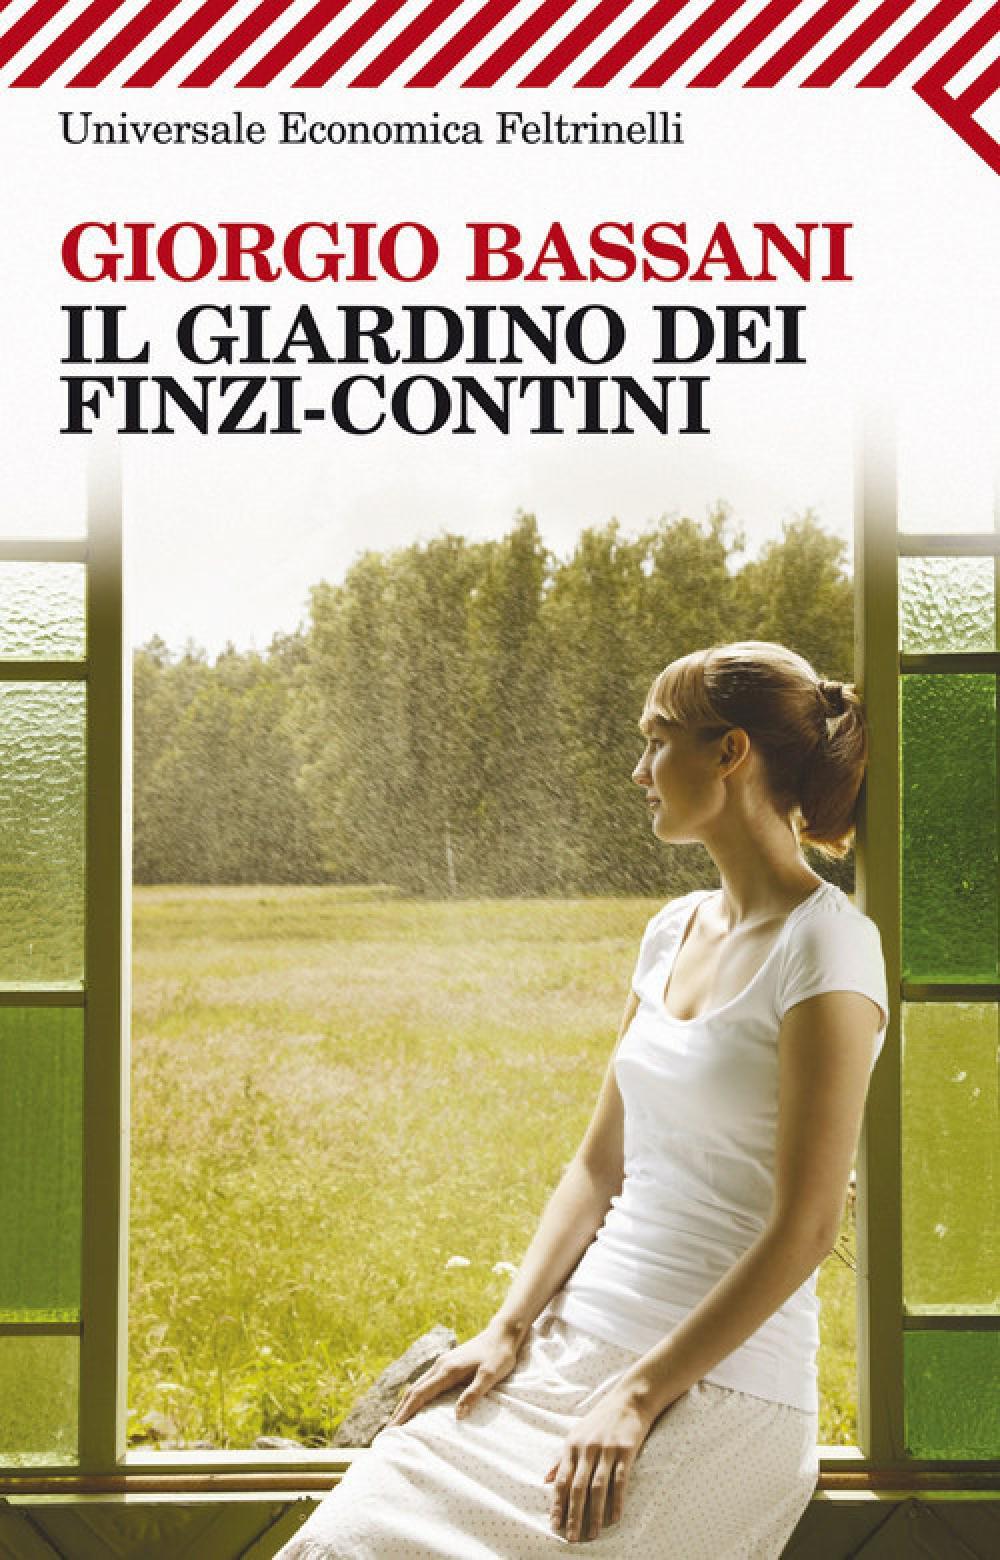 Il giardino dei finzi contini e book giorgio bassani feltrinelli ebook libri - Il giardino dei finzi contini libro ...